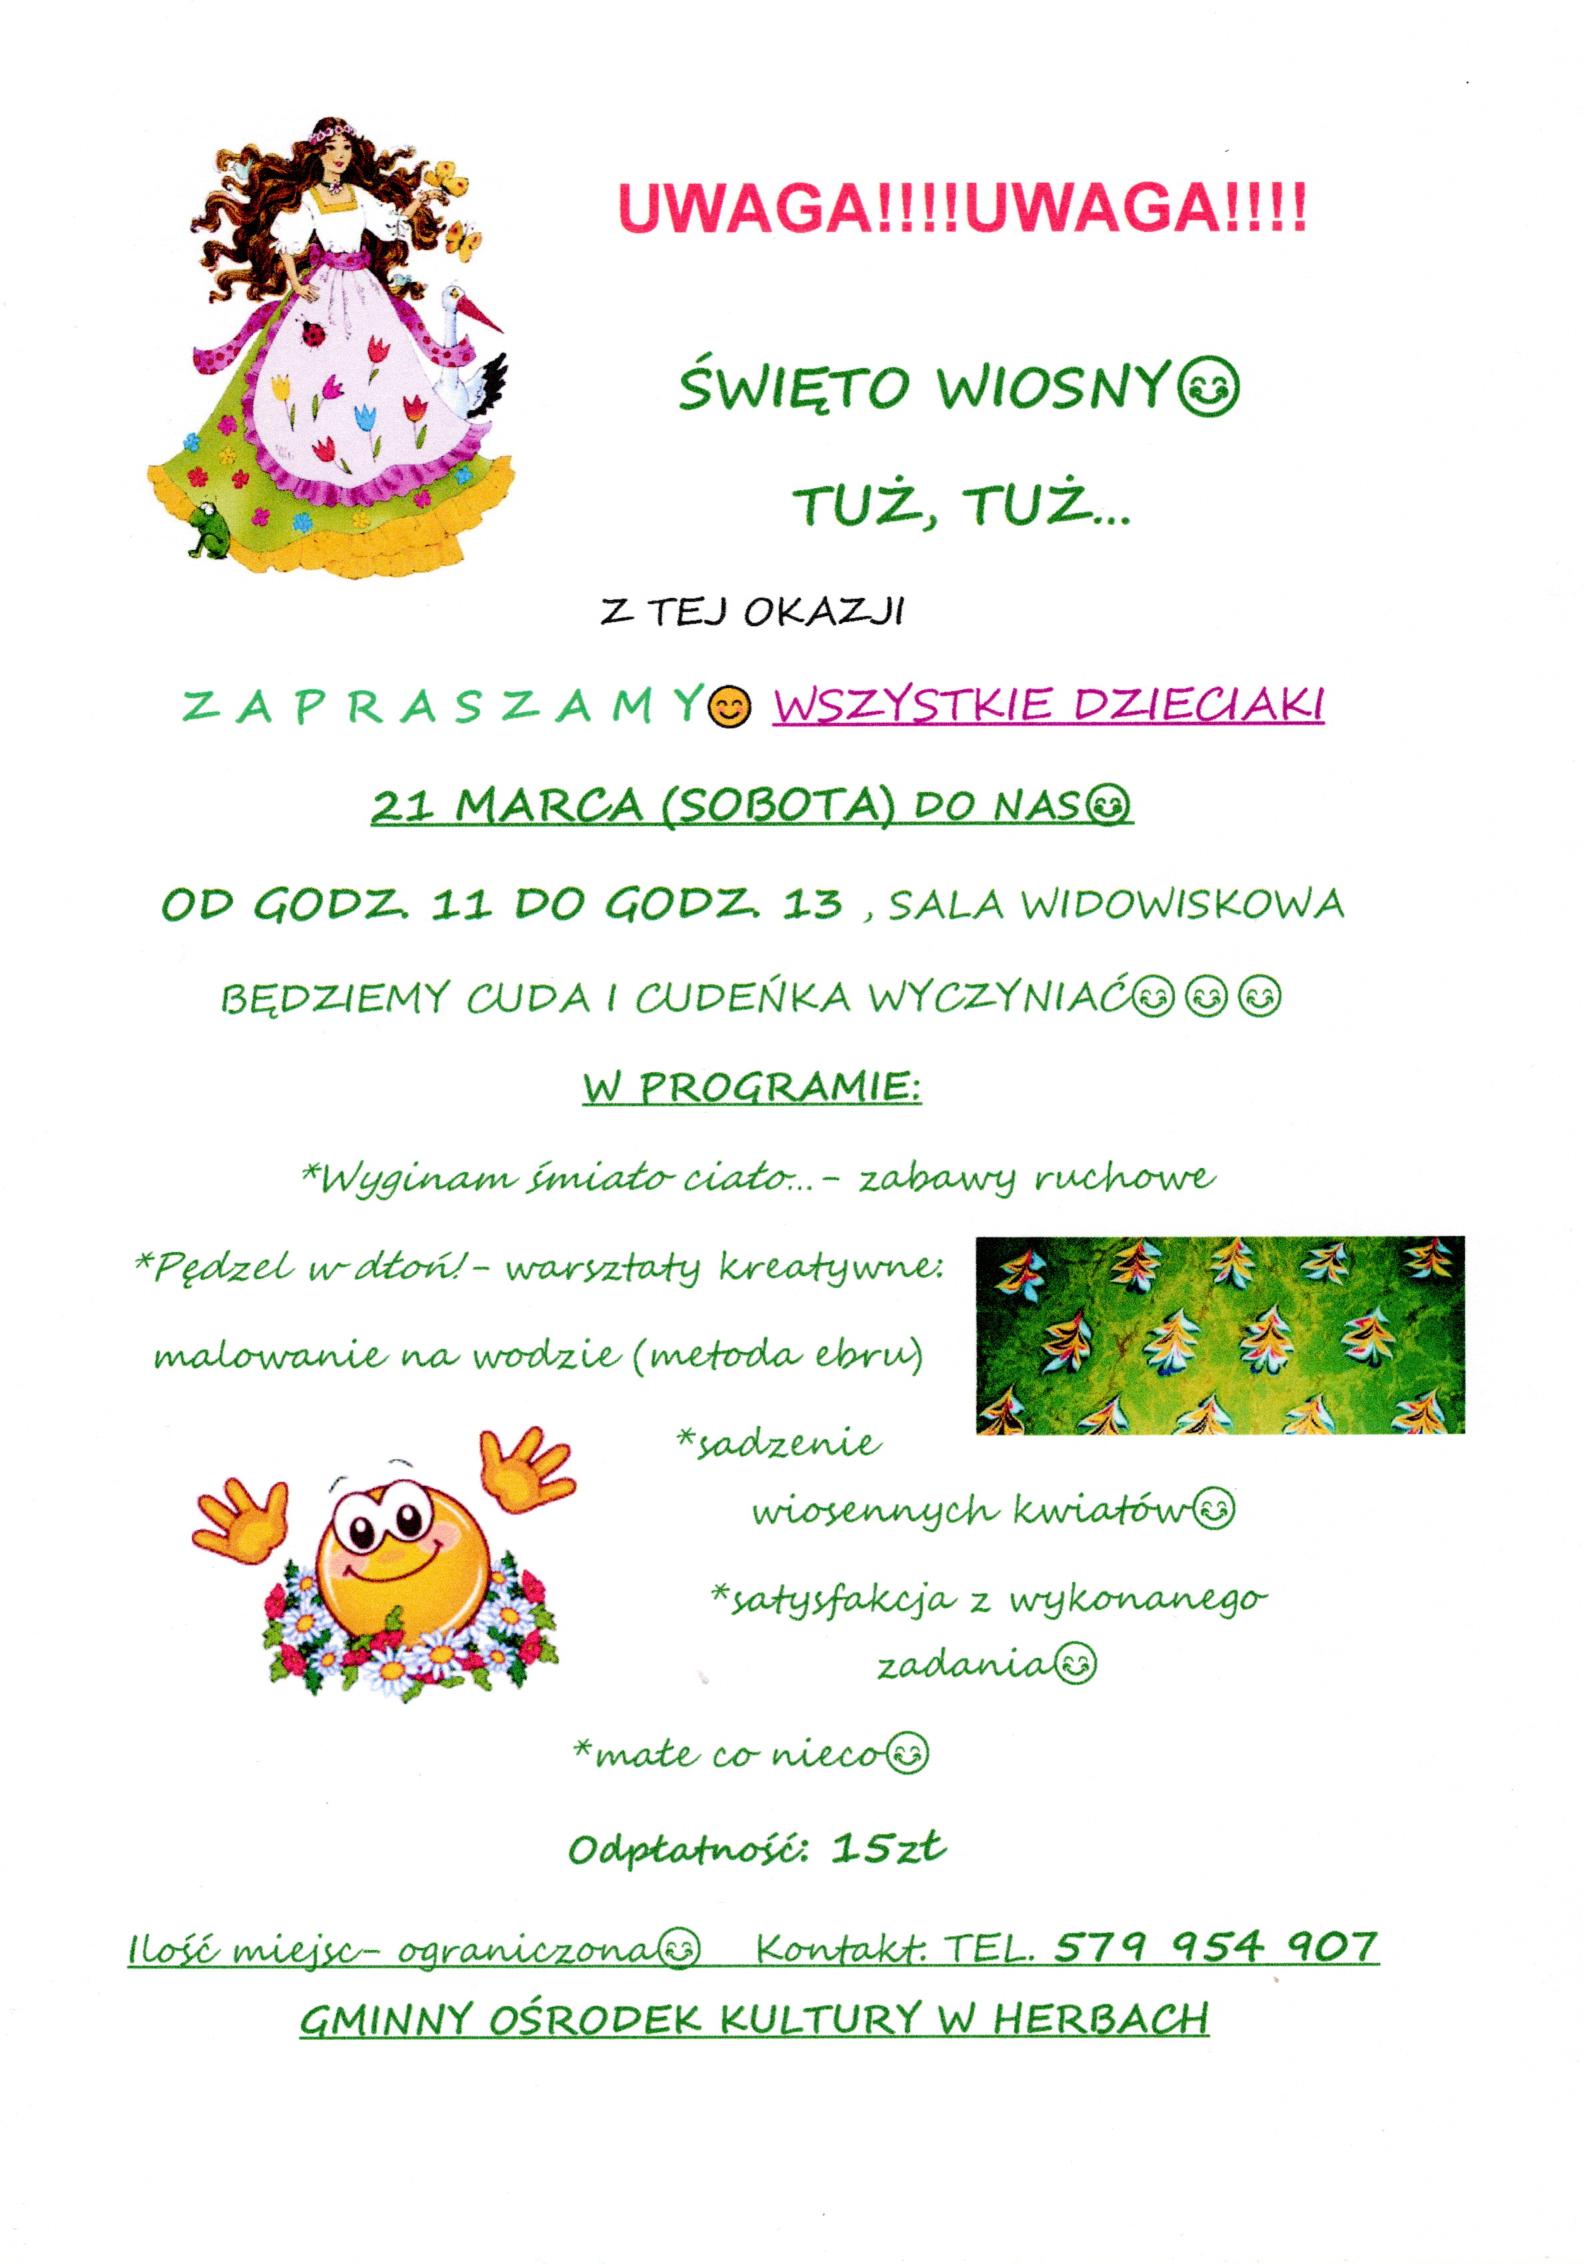 Święto wiosny - plakat informacyjny